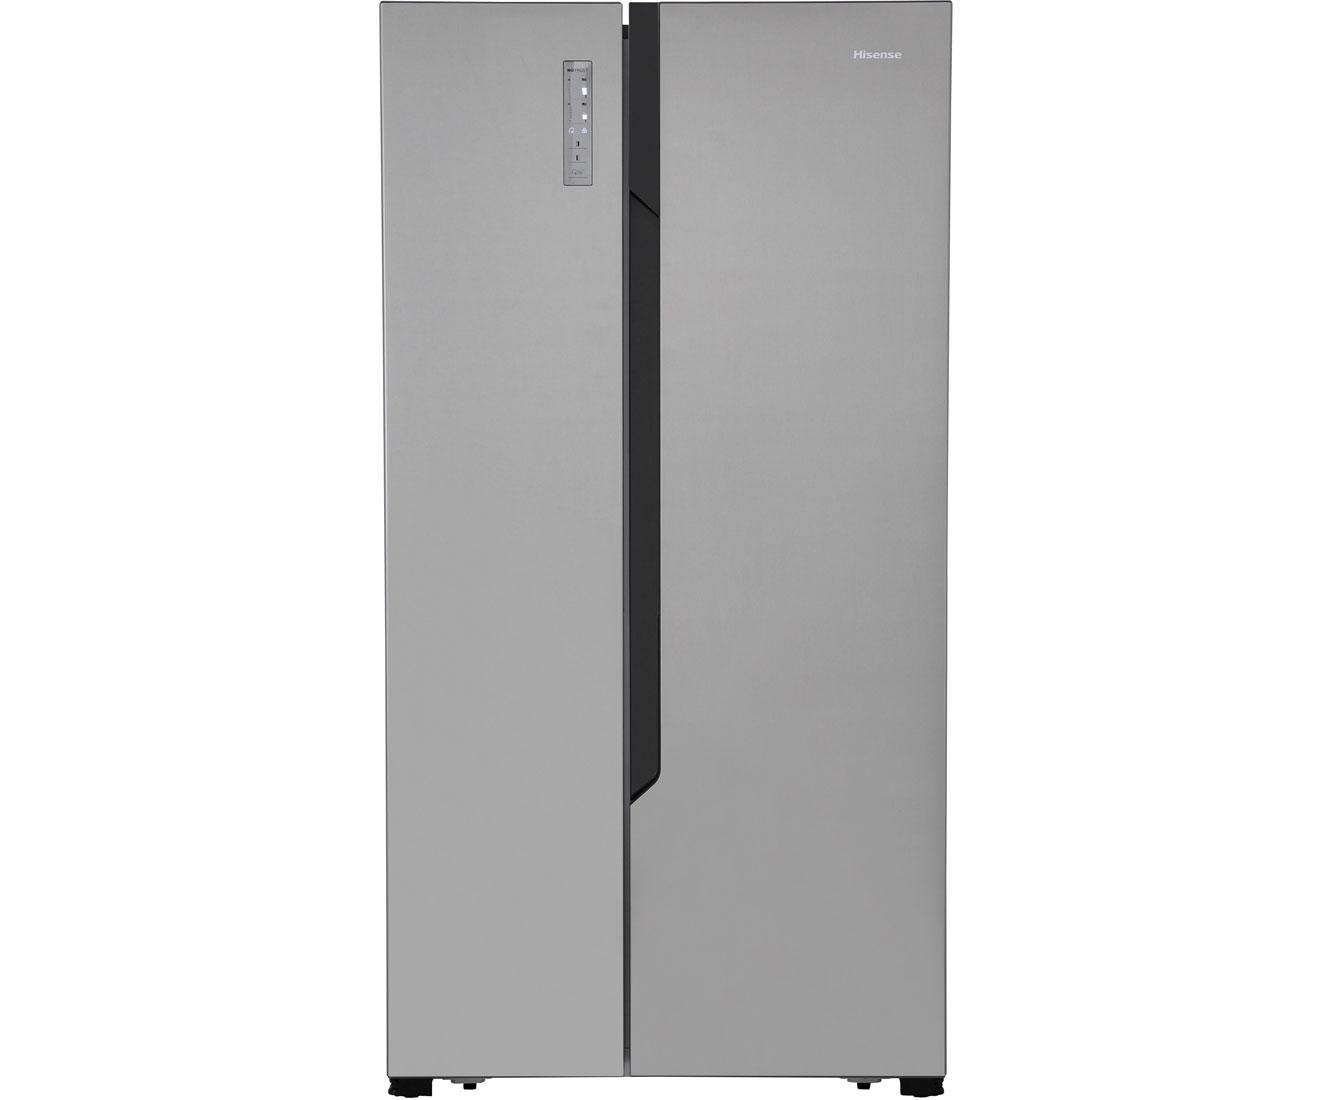 Retro Kühlschrank Mit Eiswürfelbereiter : Kühlschrank mit eiswürfelbereiter schmal